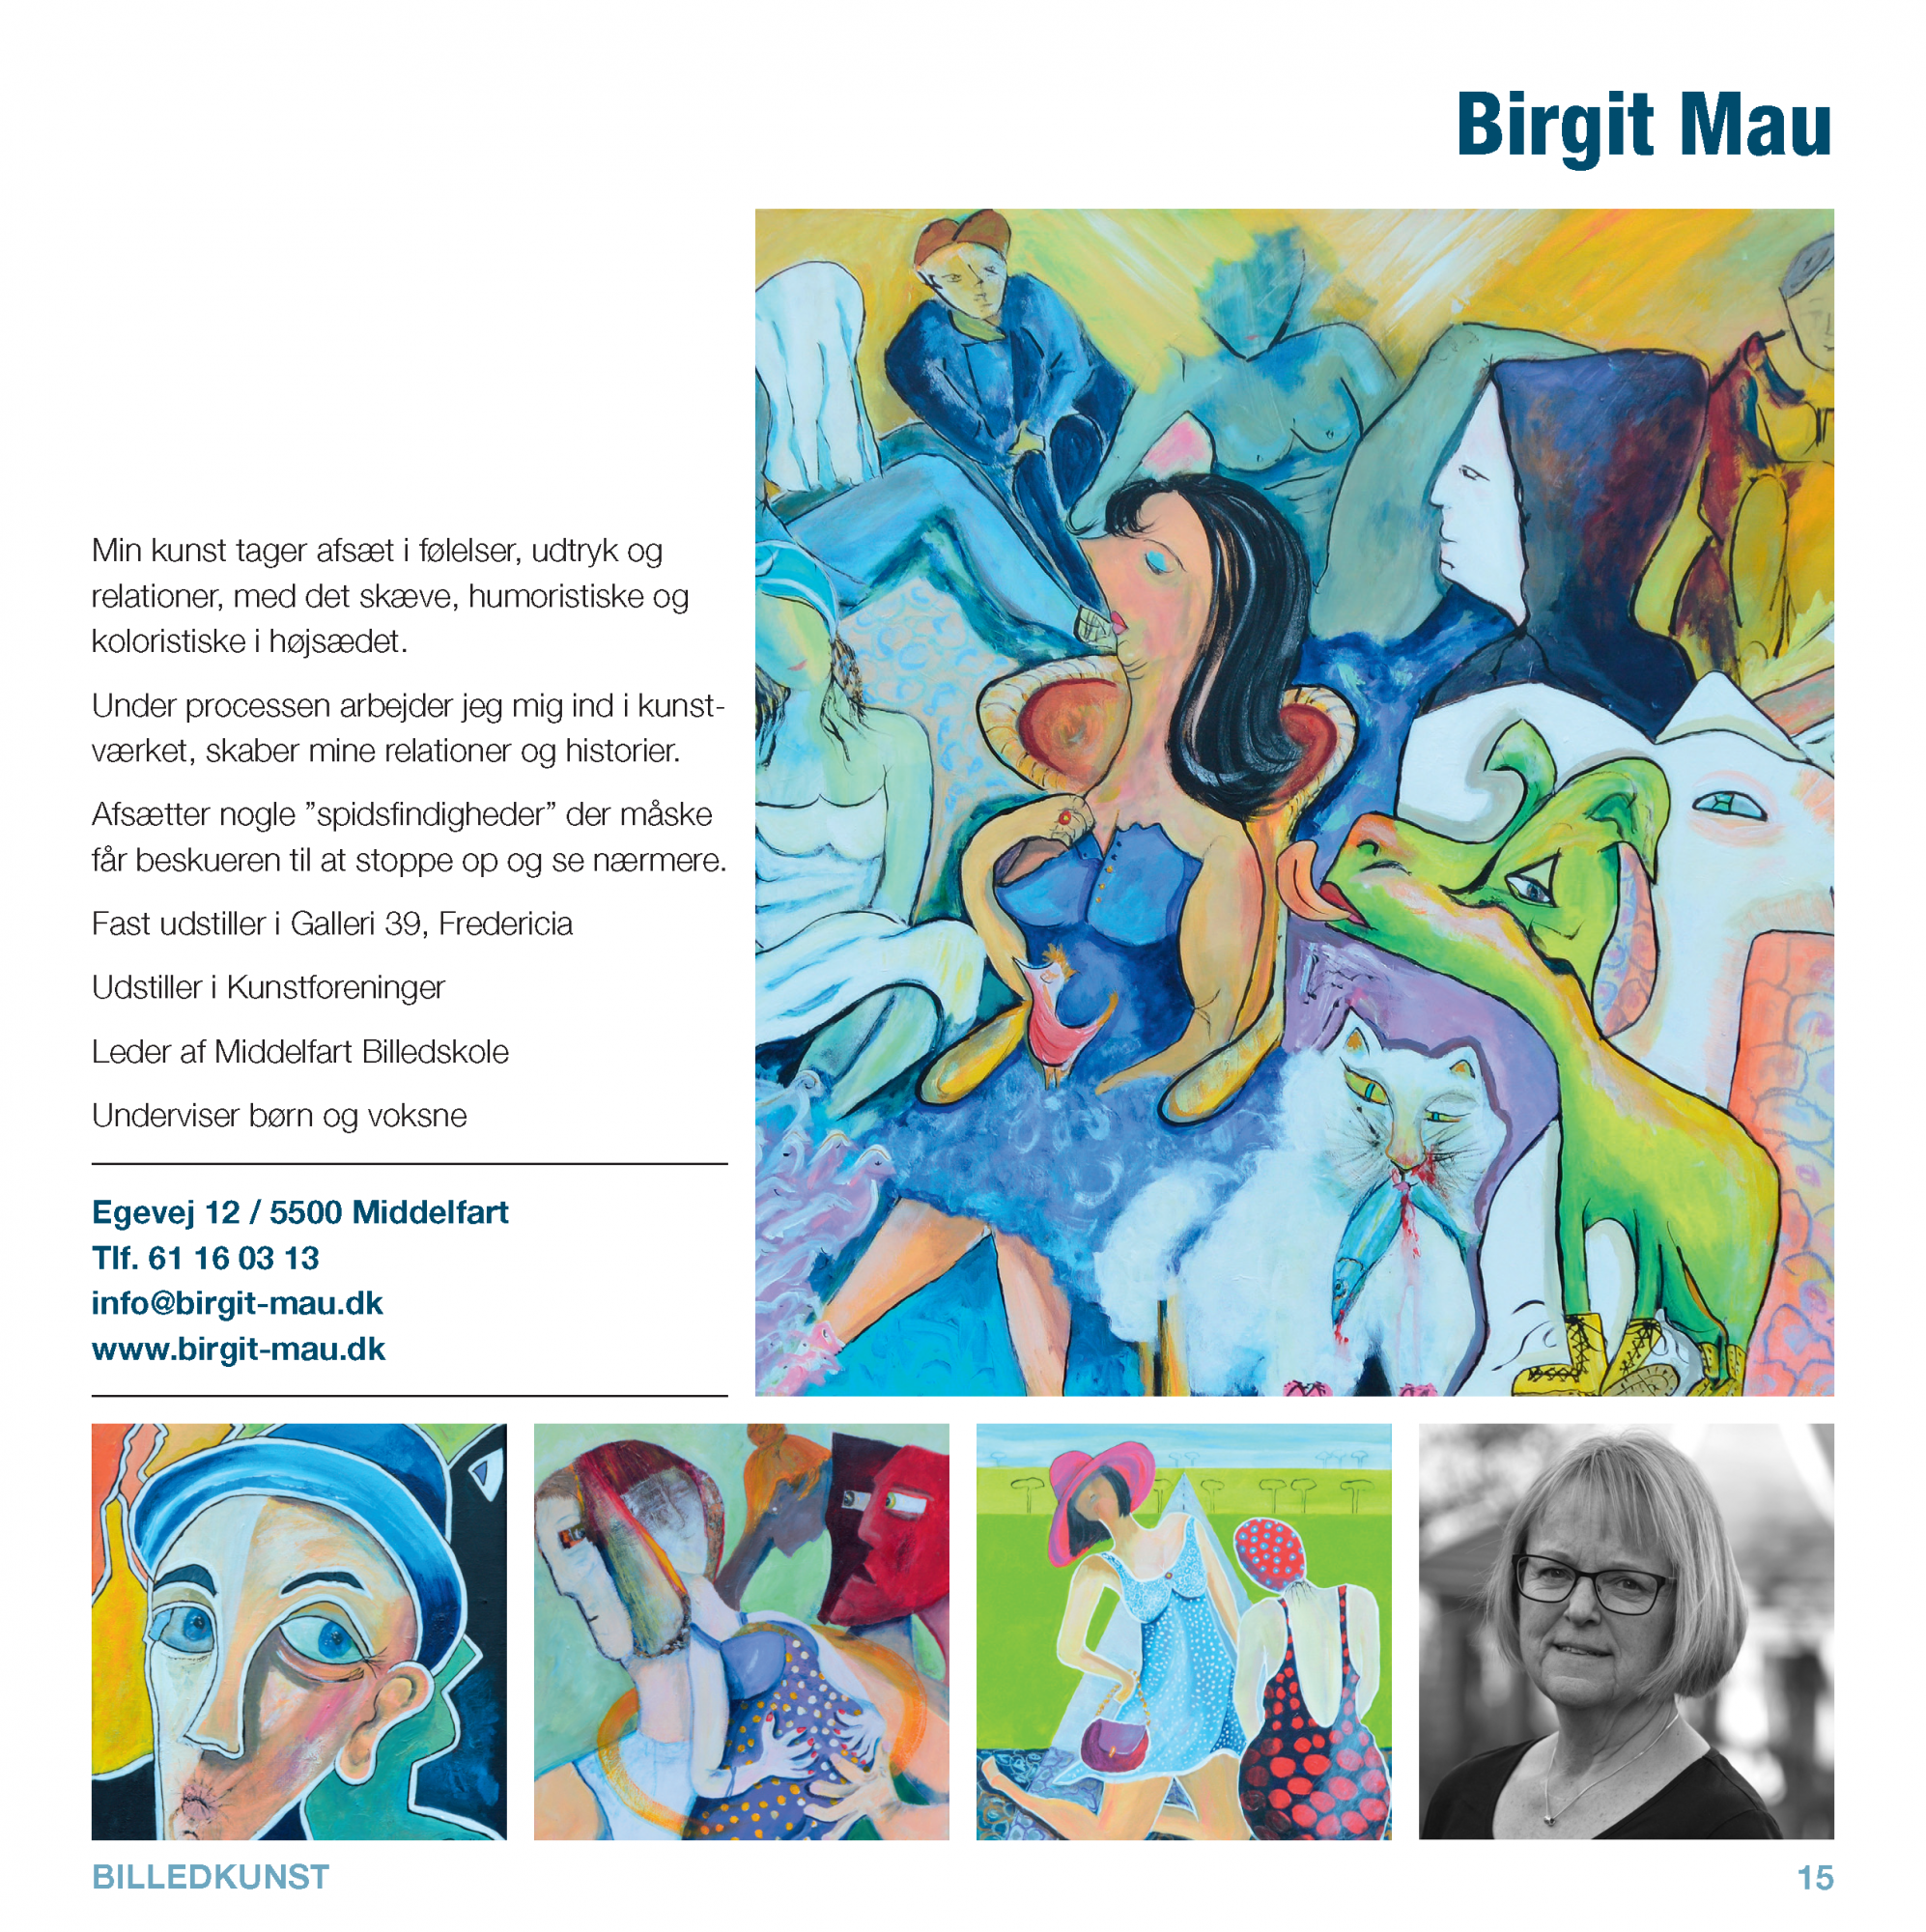 Kunstner Birgit Mau_Side_15 i Vestfyns Kunstguide